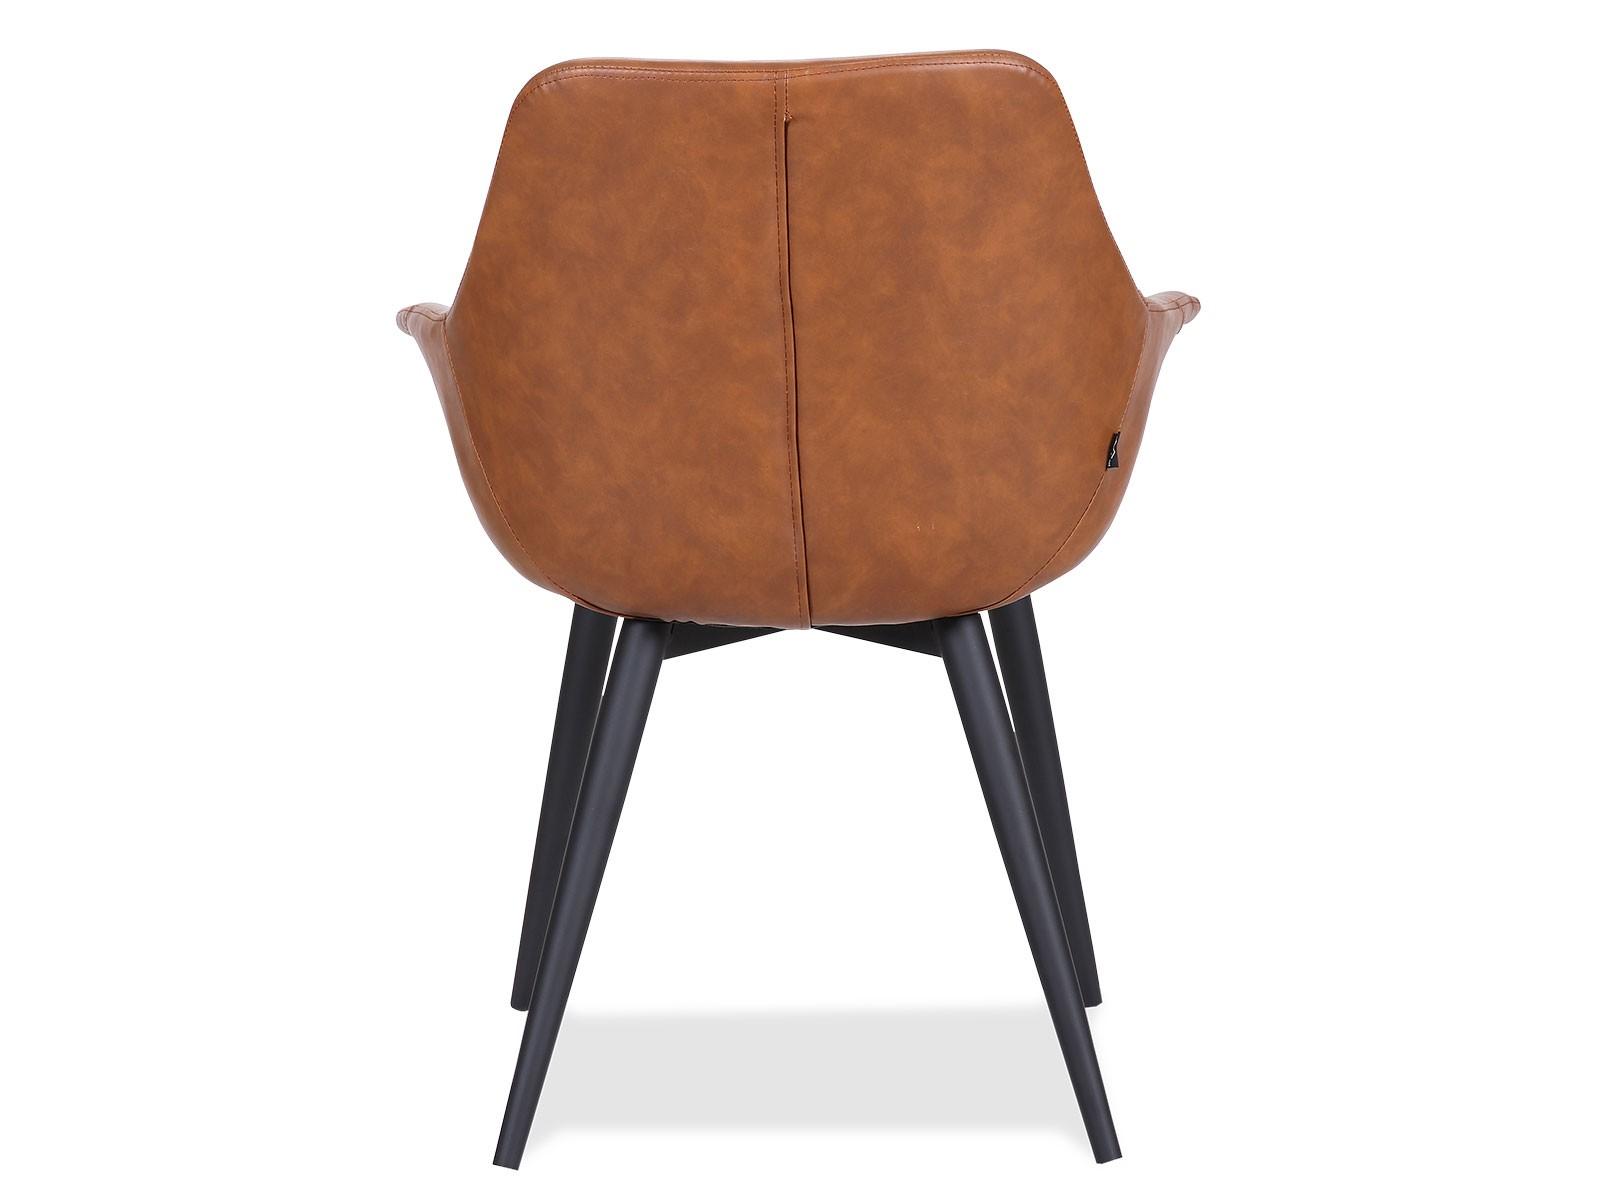 Elegant Signe stol i Cognac farve